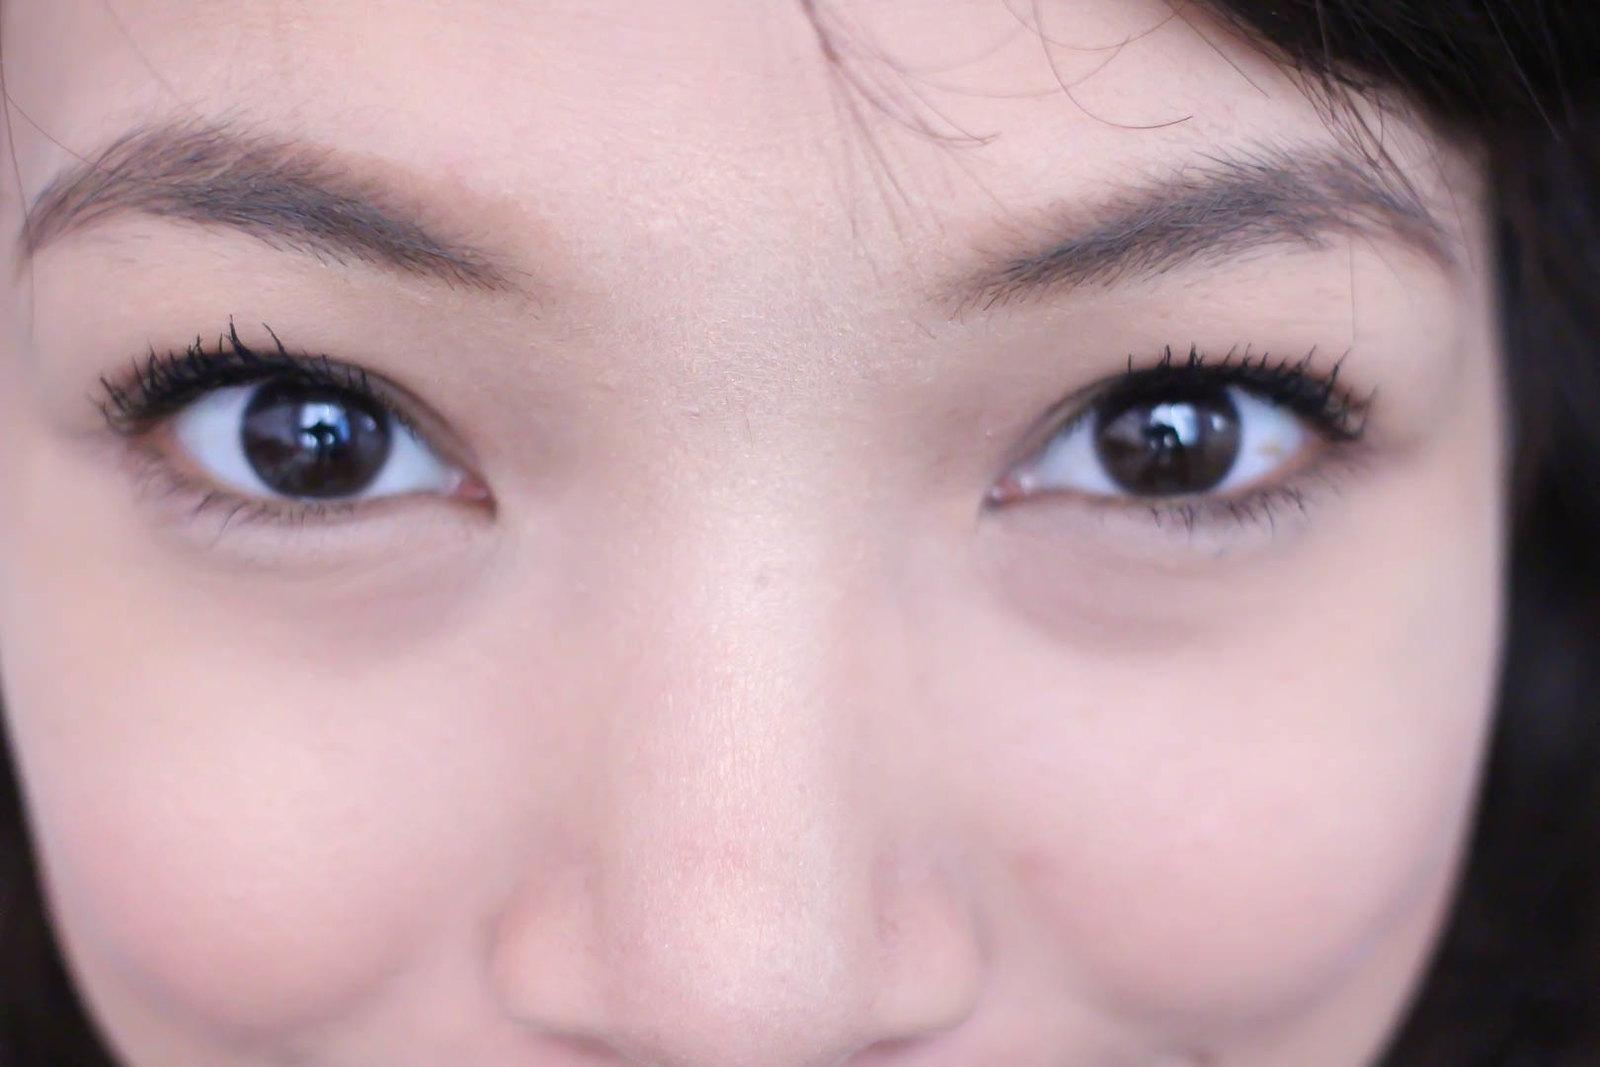 Loreal miss manga mascara false lash look